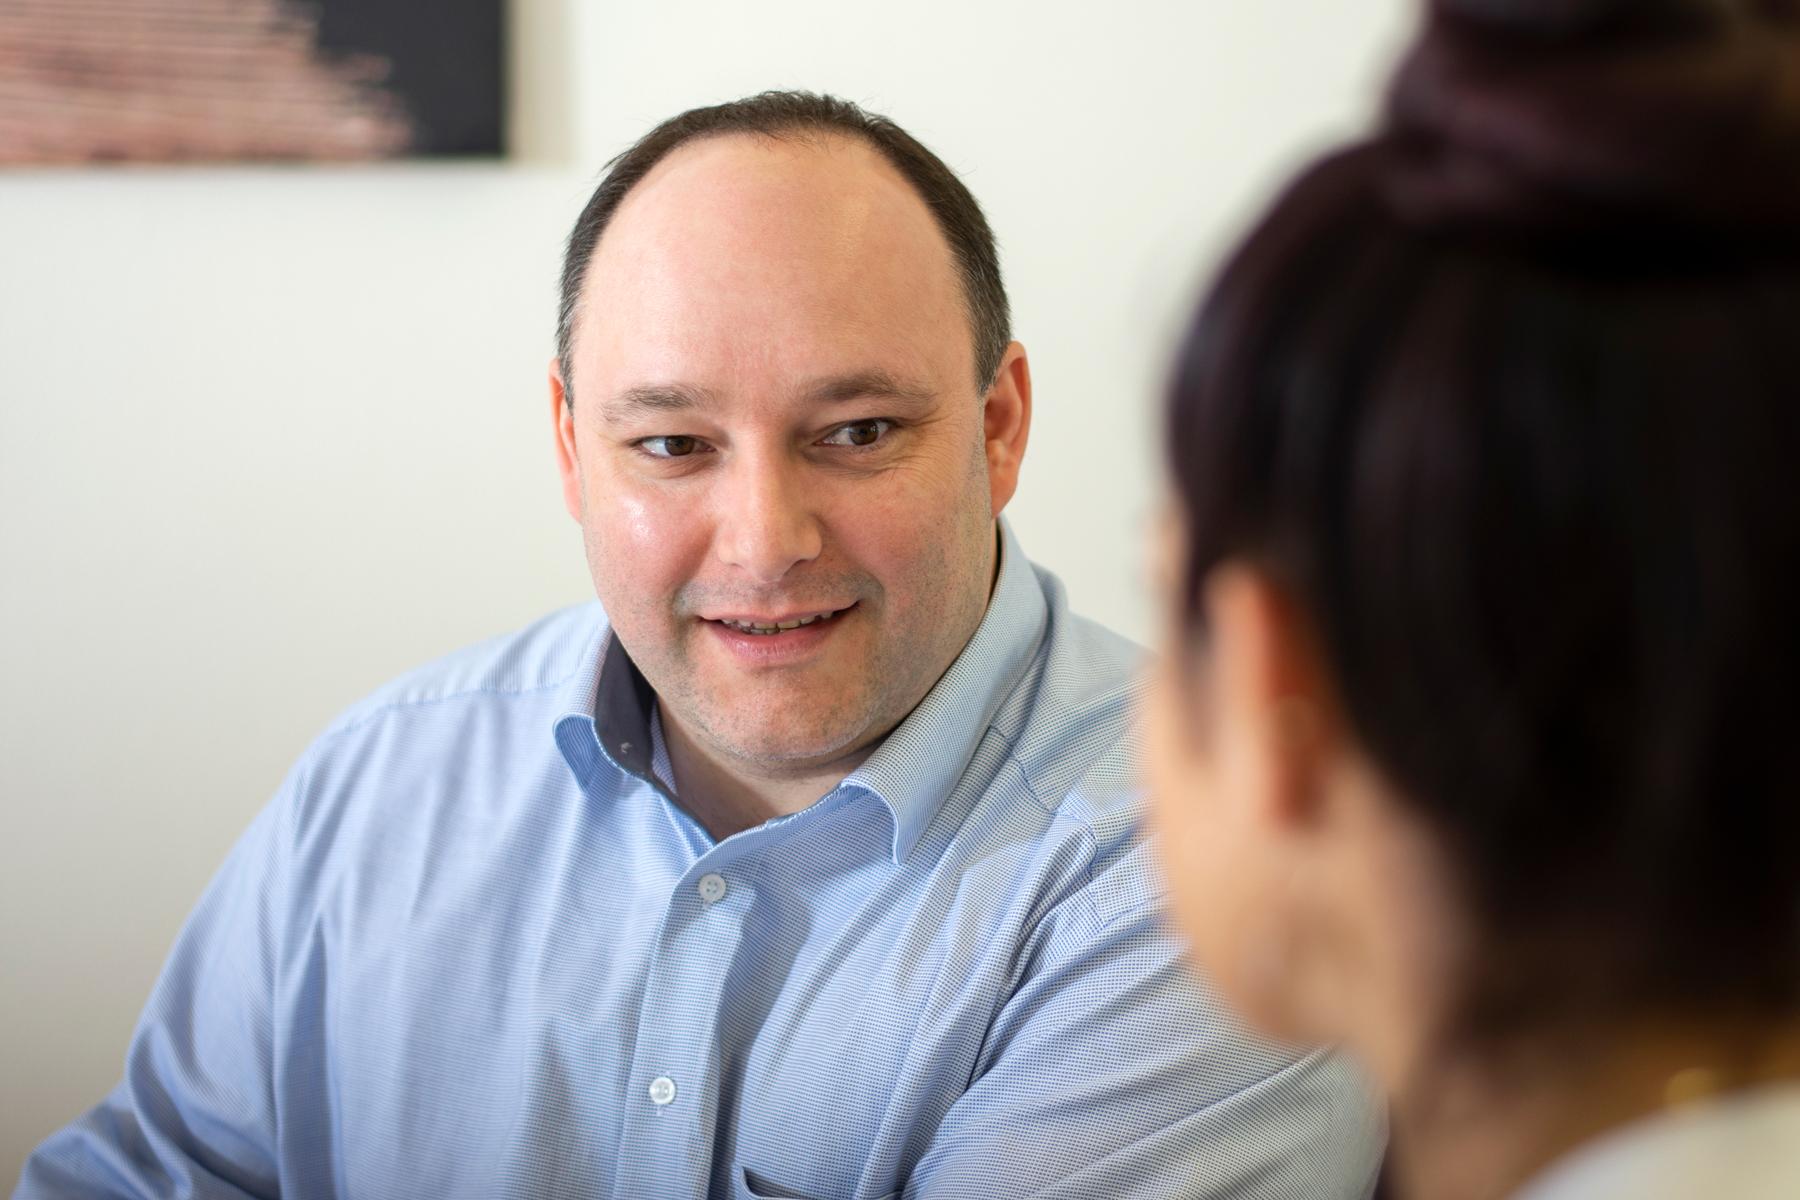 Markus Kugler ist seit seiner Ausbildung im Klinikum Ingolstadt beschäftigt.